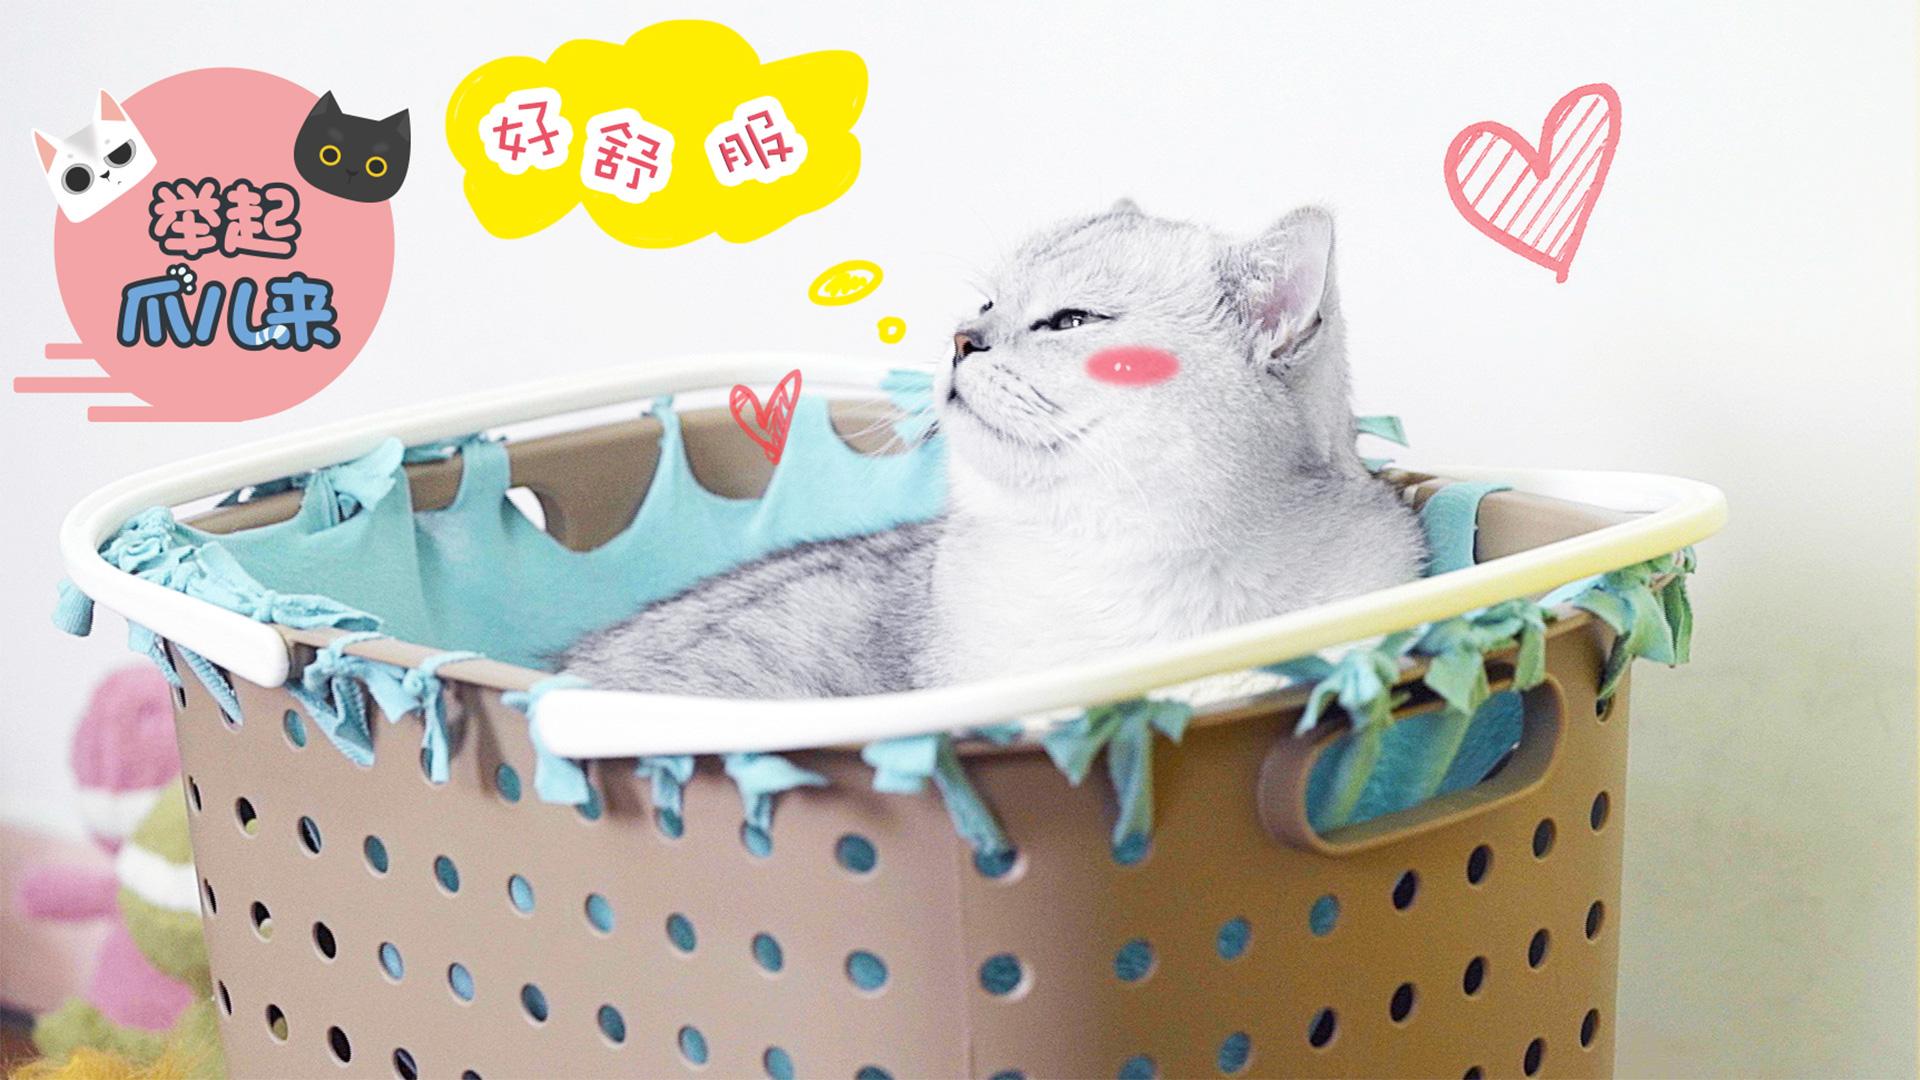 一招搞定猫咪收纳筐吊床